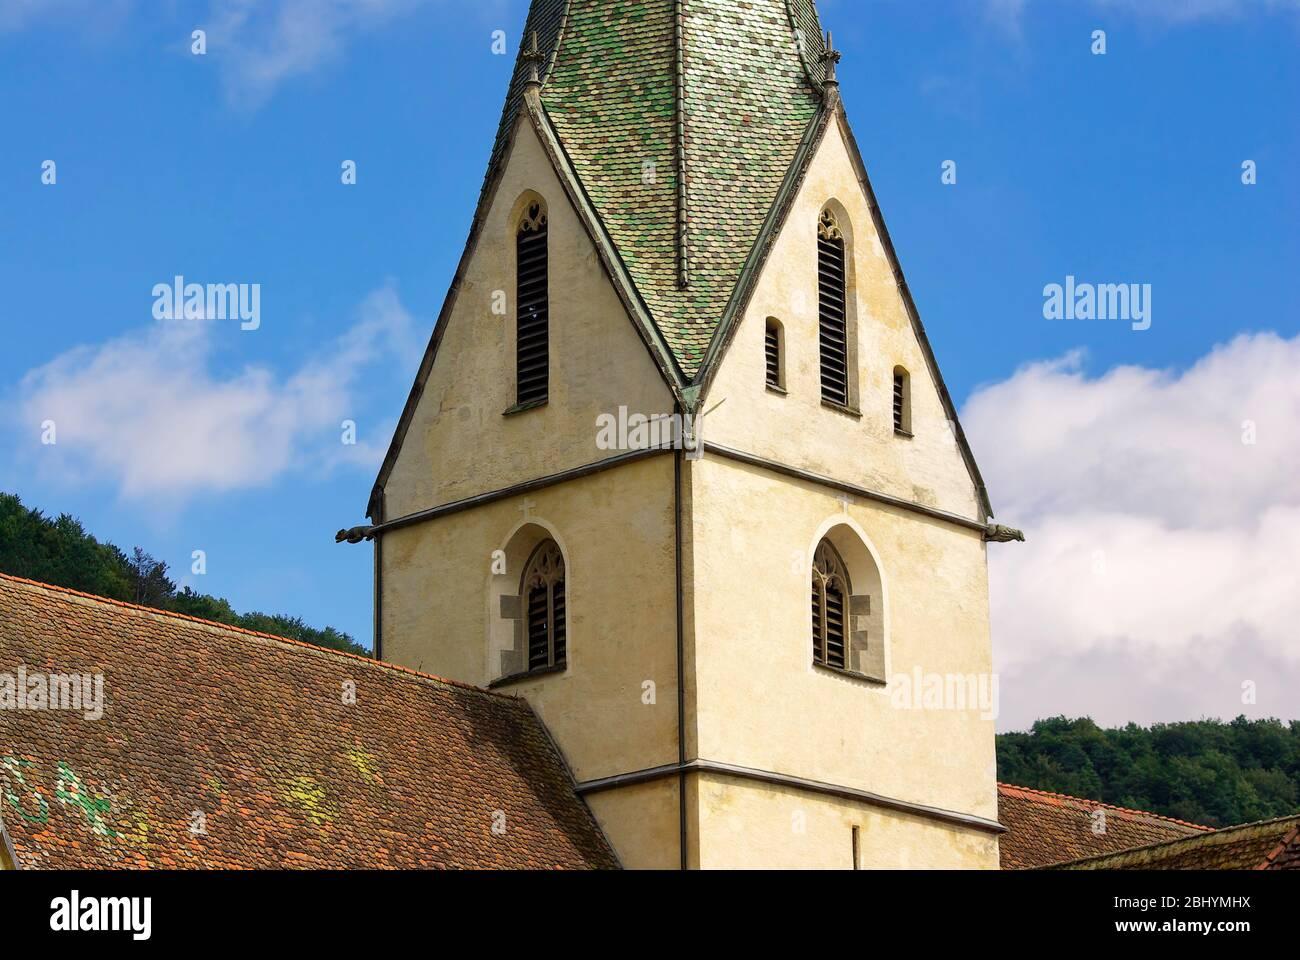 Detalle del techo y el campanario de la iglesia del monasterio de la abadía de Blaubeuren cerca de Ulm, Baden-Wurttemberg, Alemania. Foto de stock